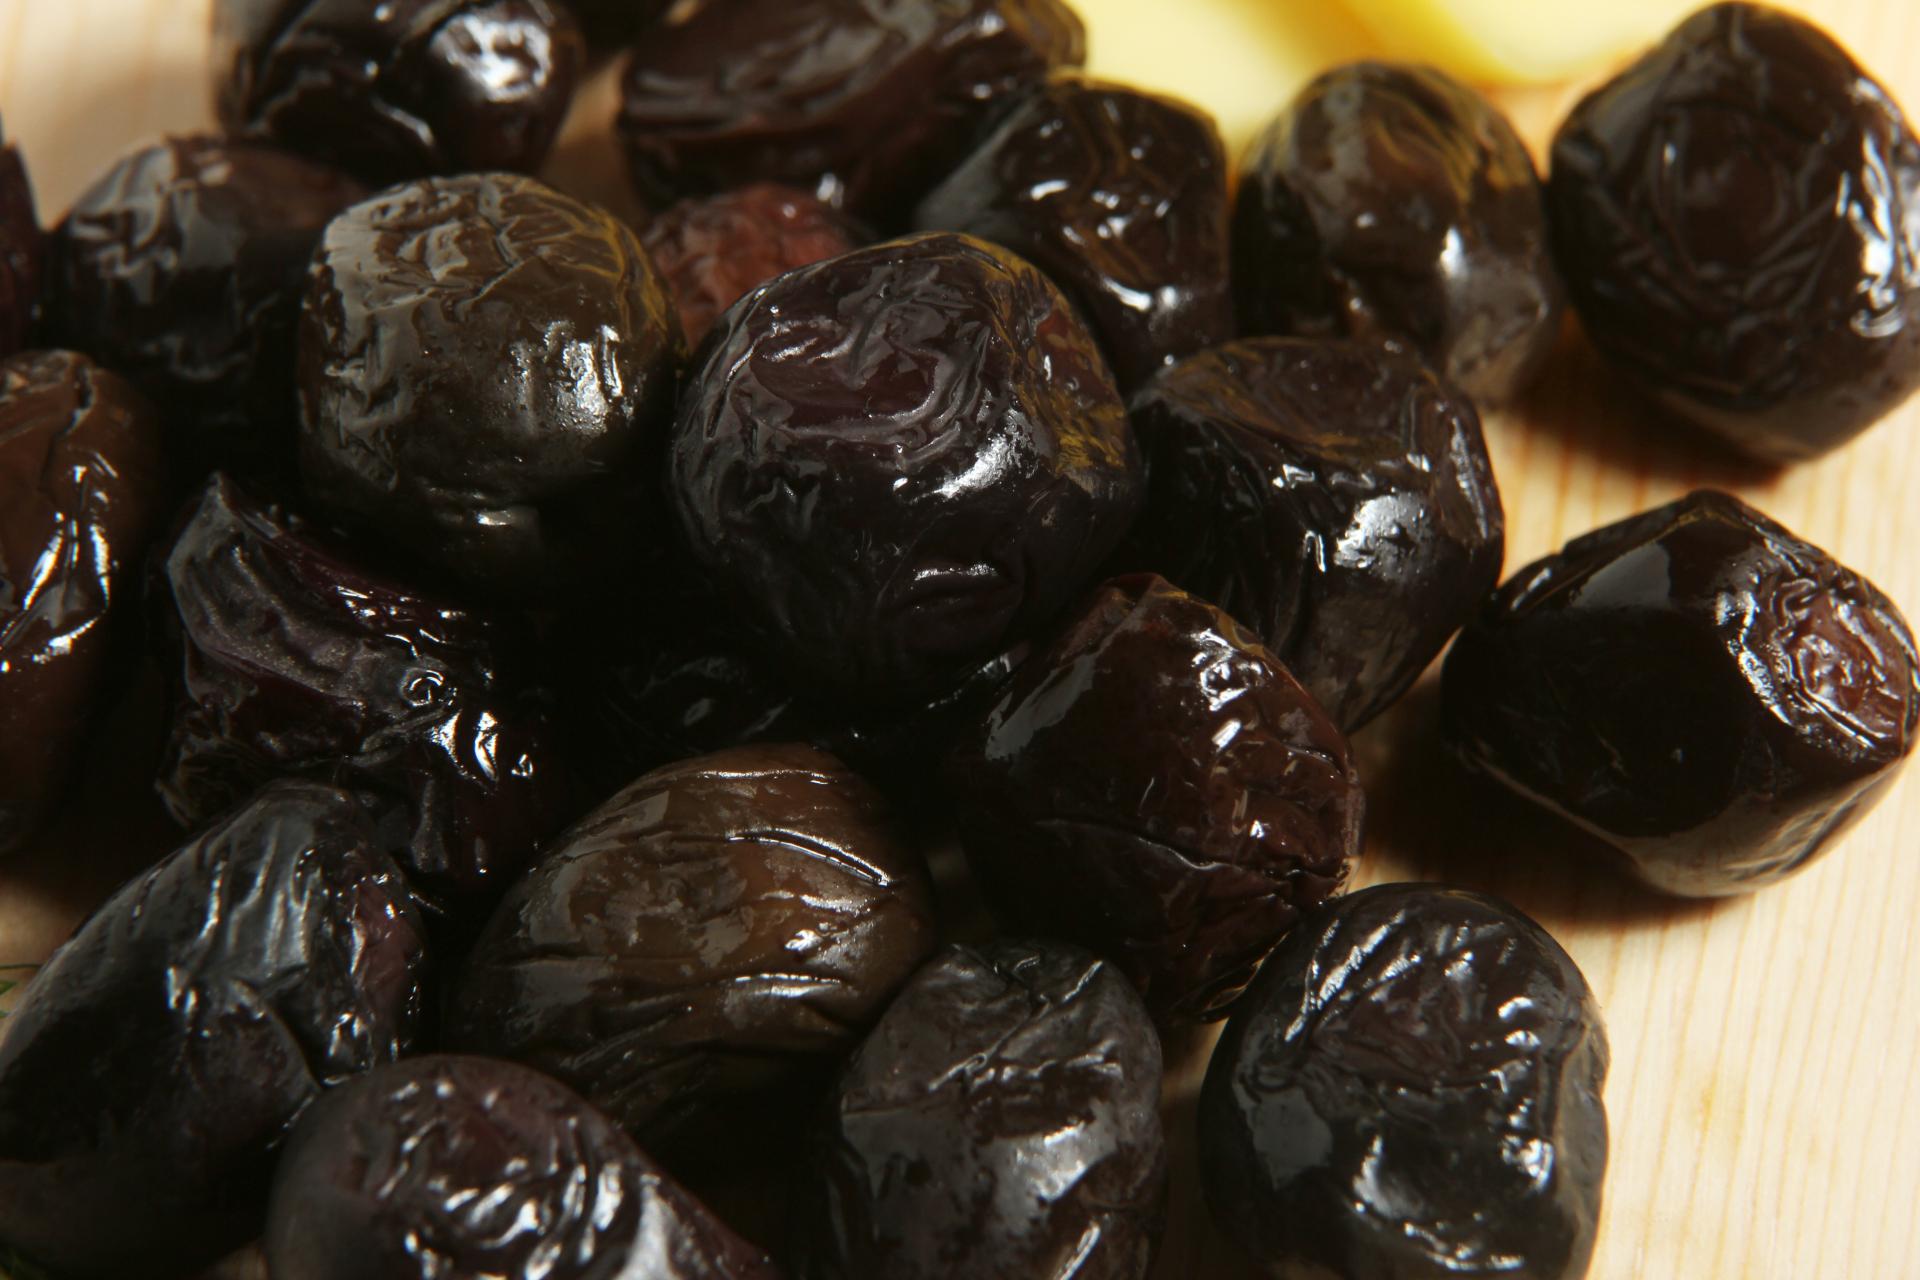 Il commercio mondiale delle olive da tavola secondo i dati Coi relativi all'ultima campagna olivicola